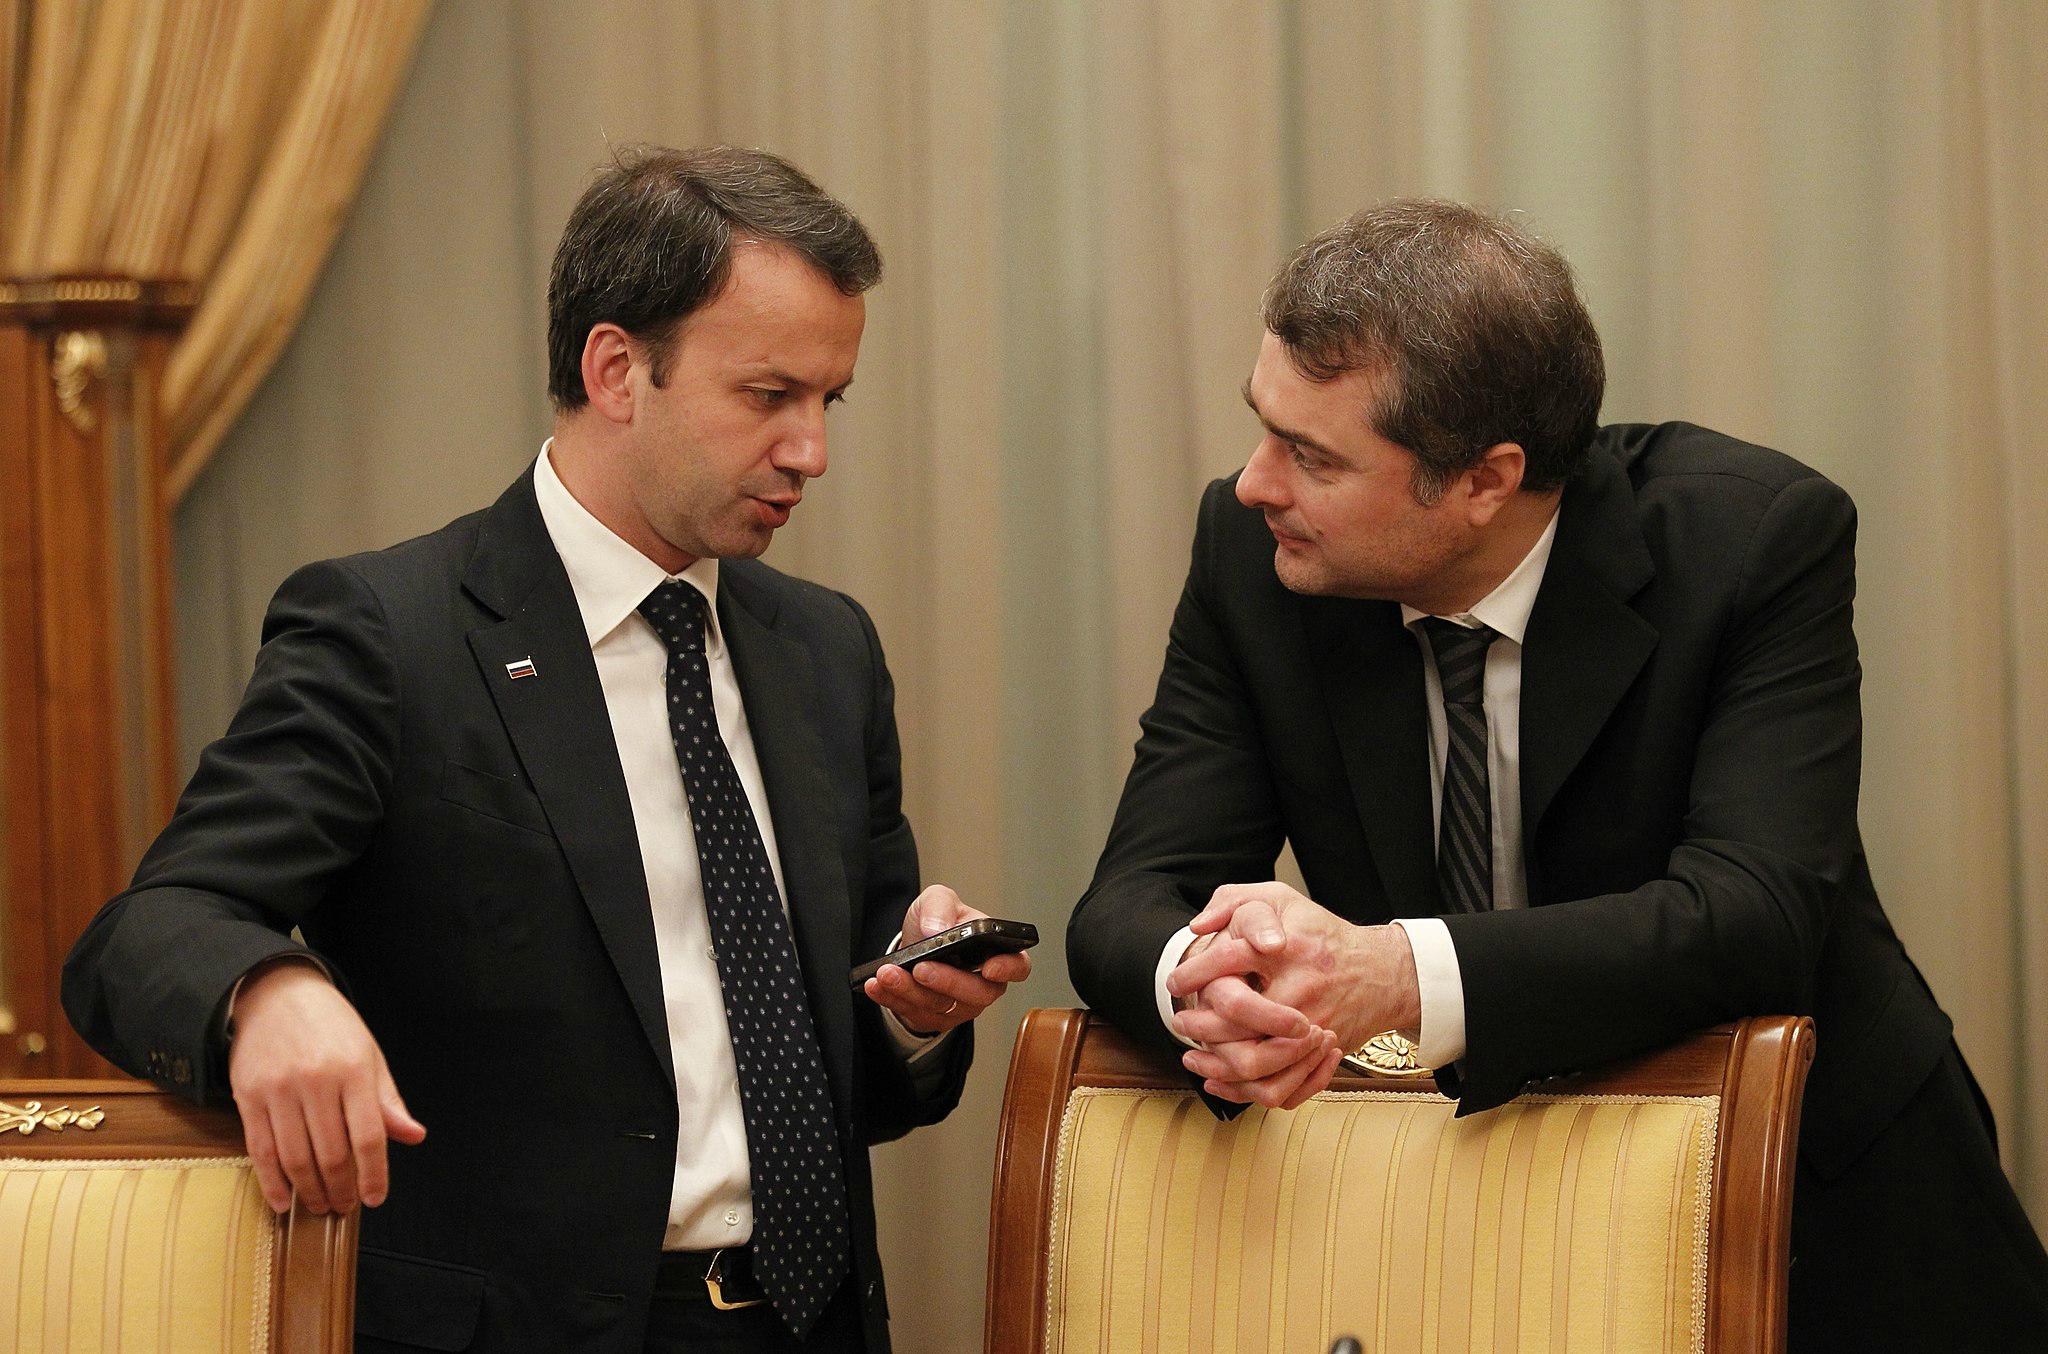 Vladislav_Surkov_and_Arkady_Dvorkovich_28_June_2012 (1)